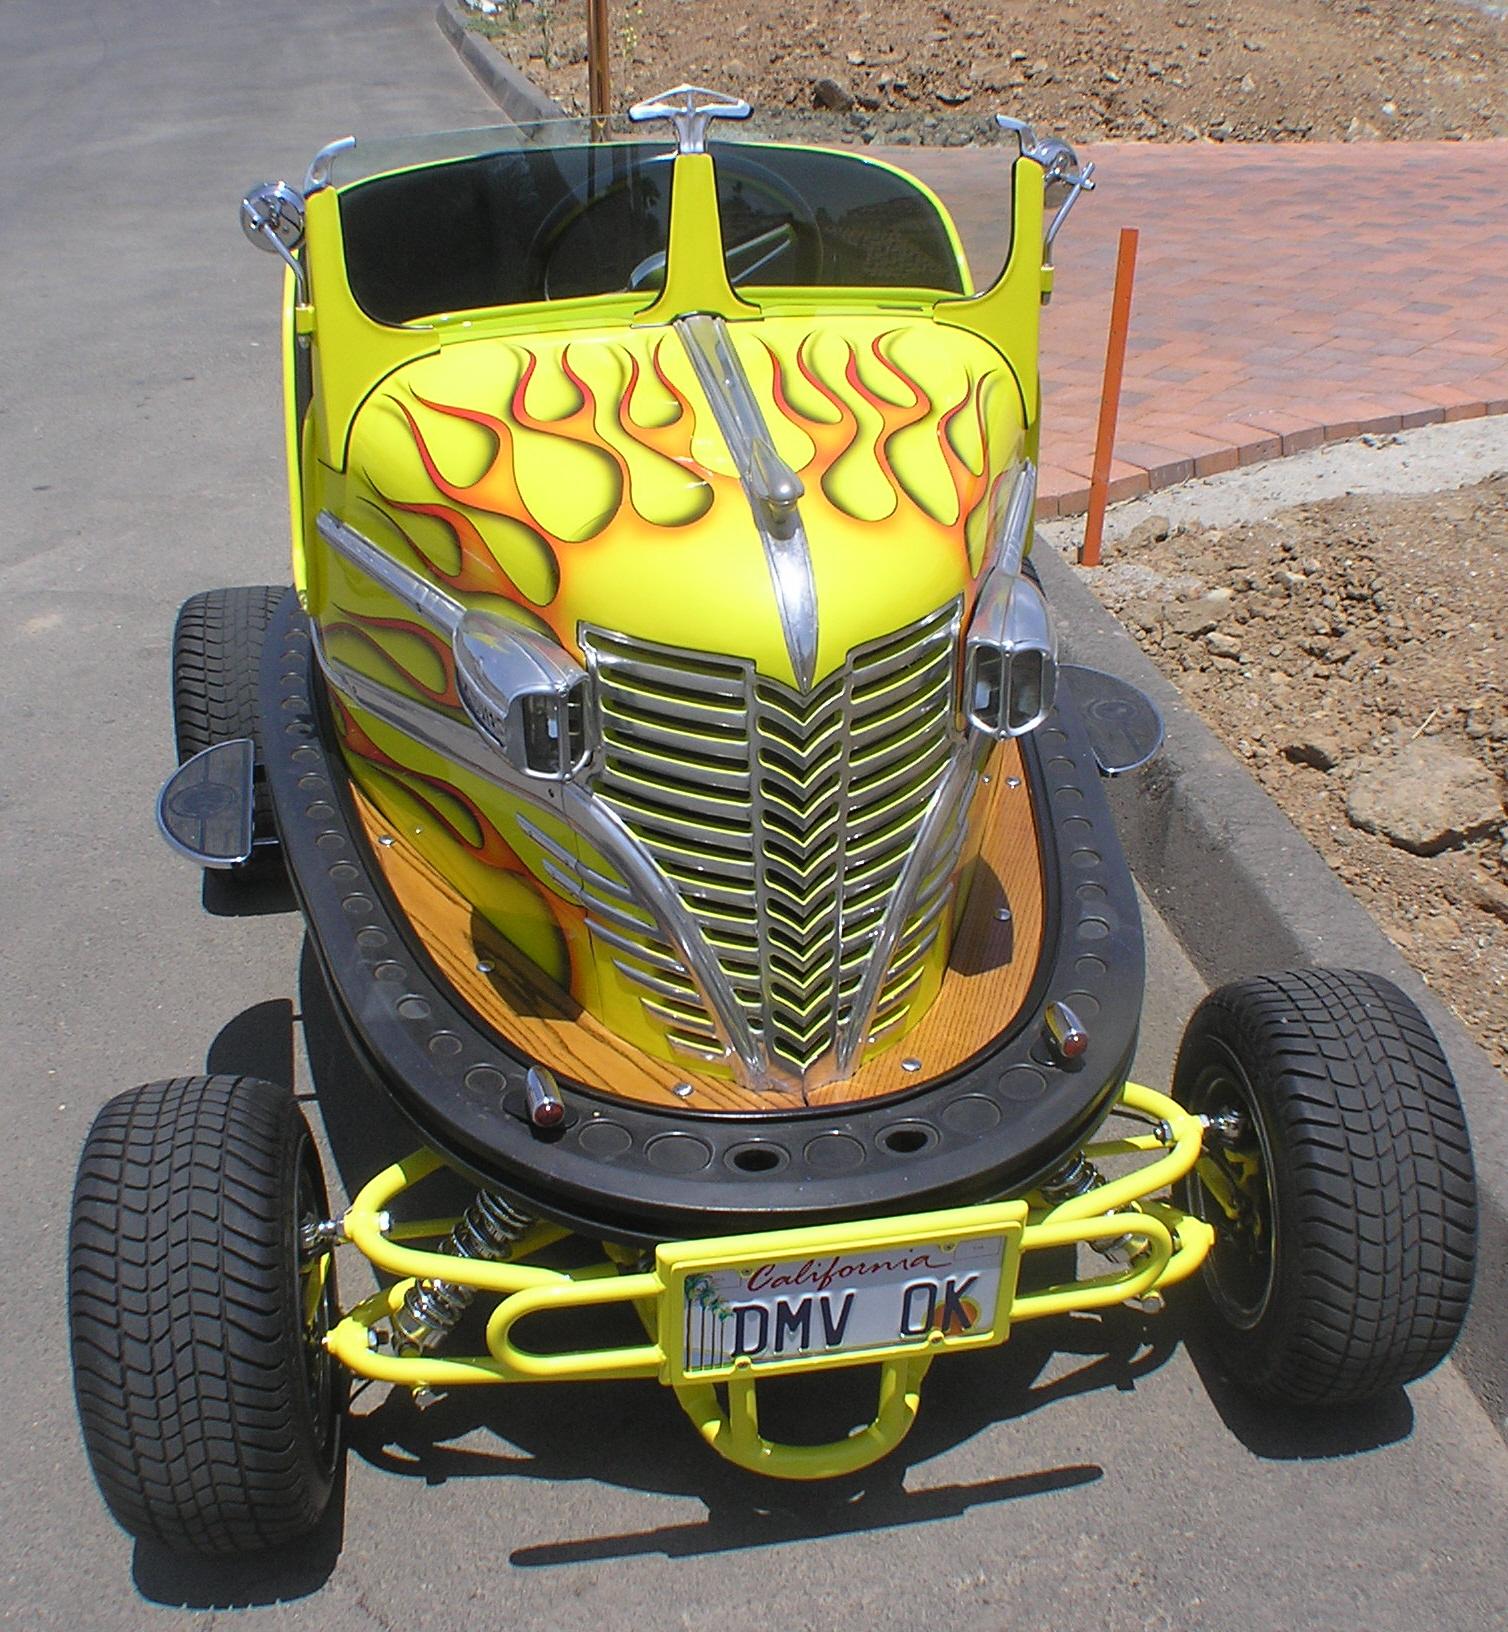 Bumper Cars For Sale >> Bumper Rides